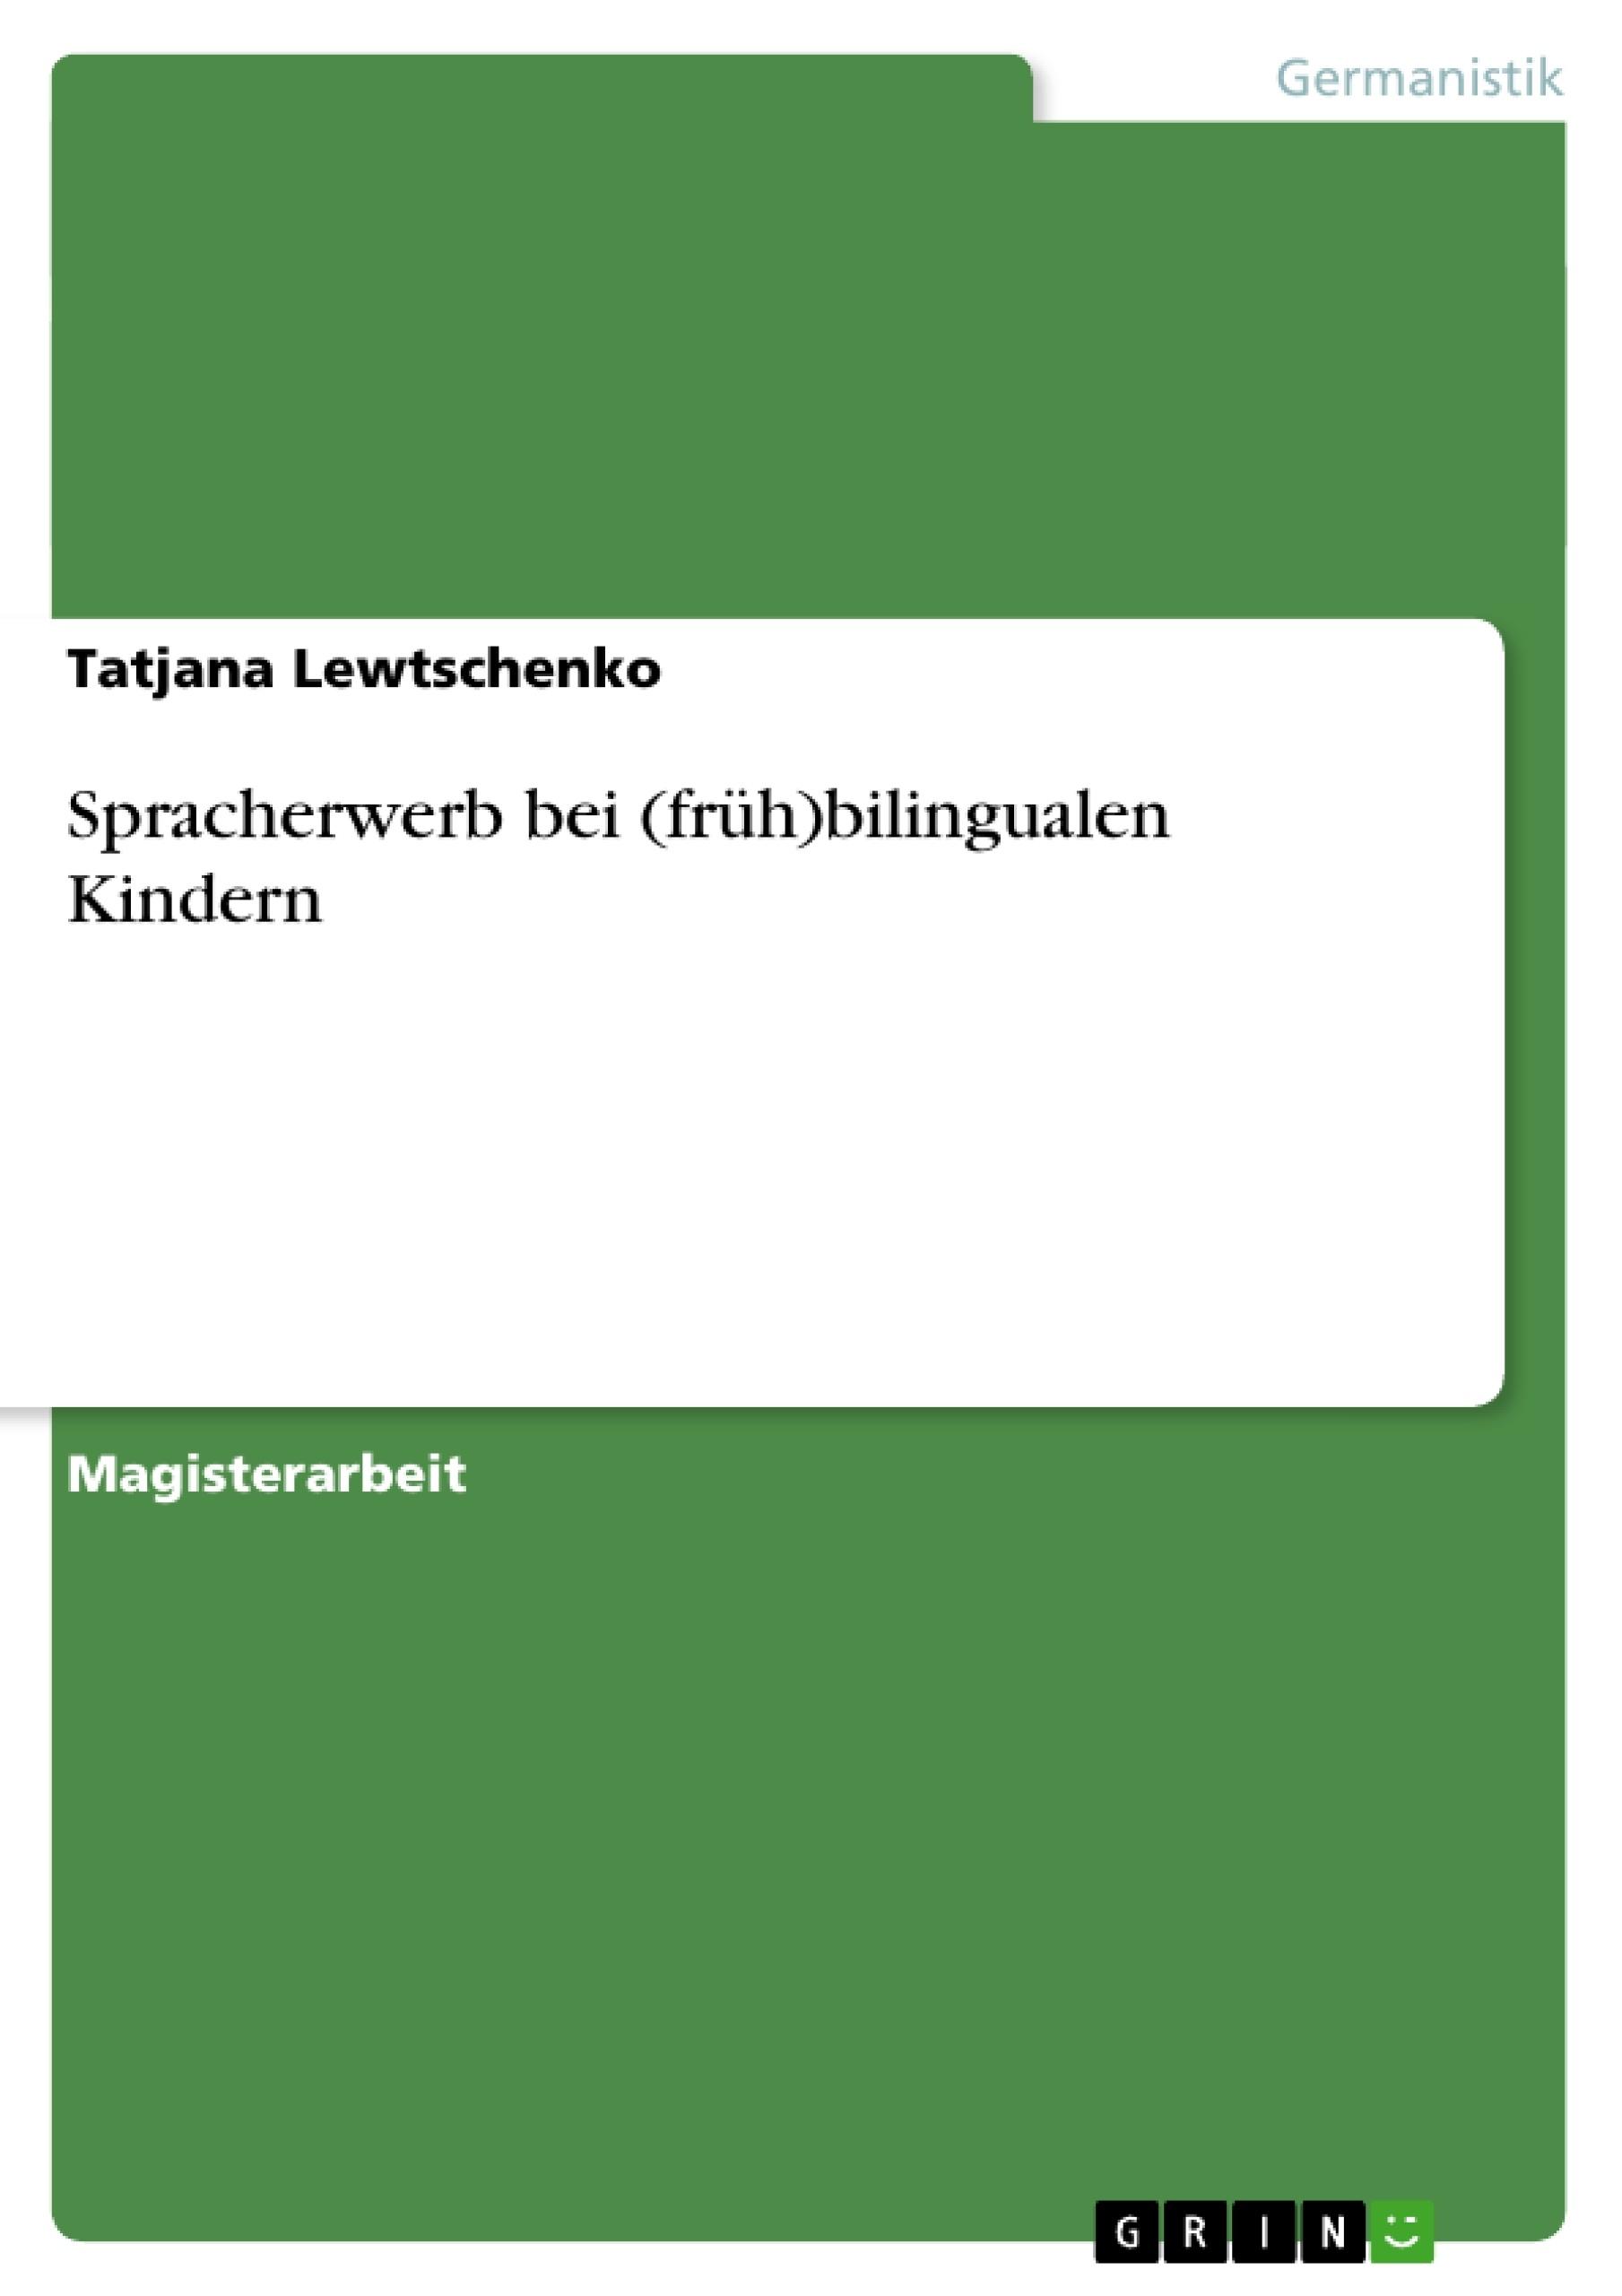 Titel: Spracherwerb bei (früh)bilingualen Kindern